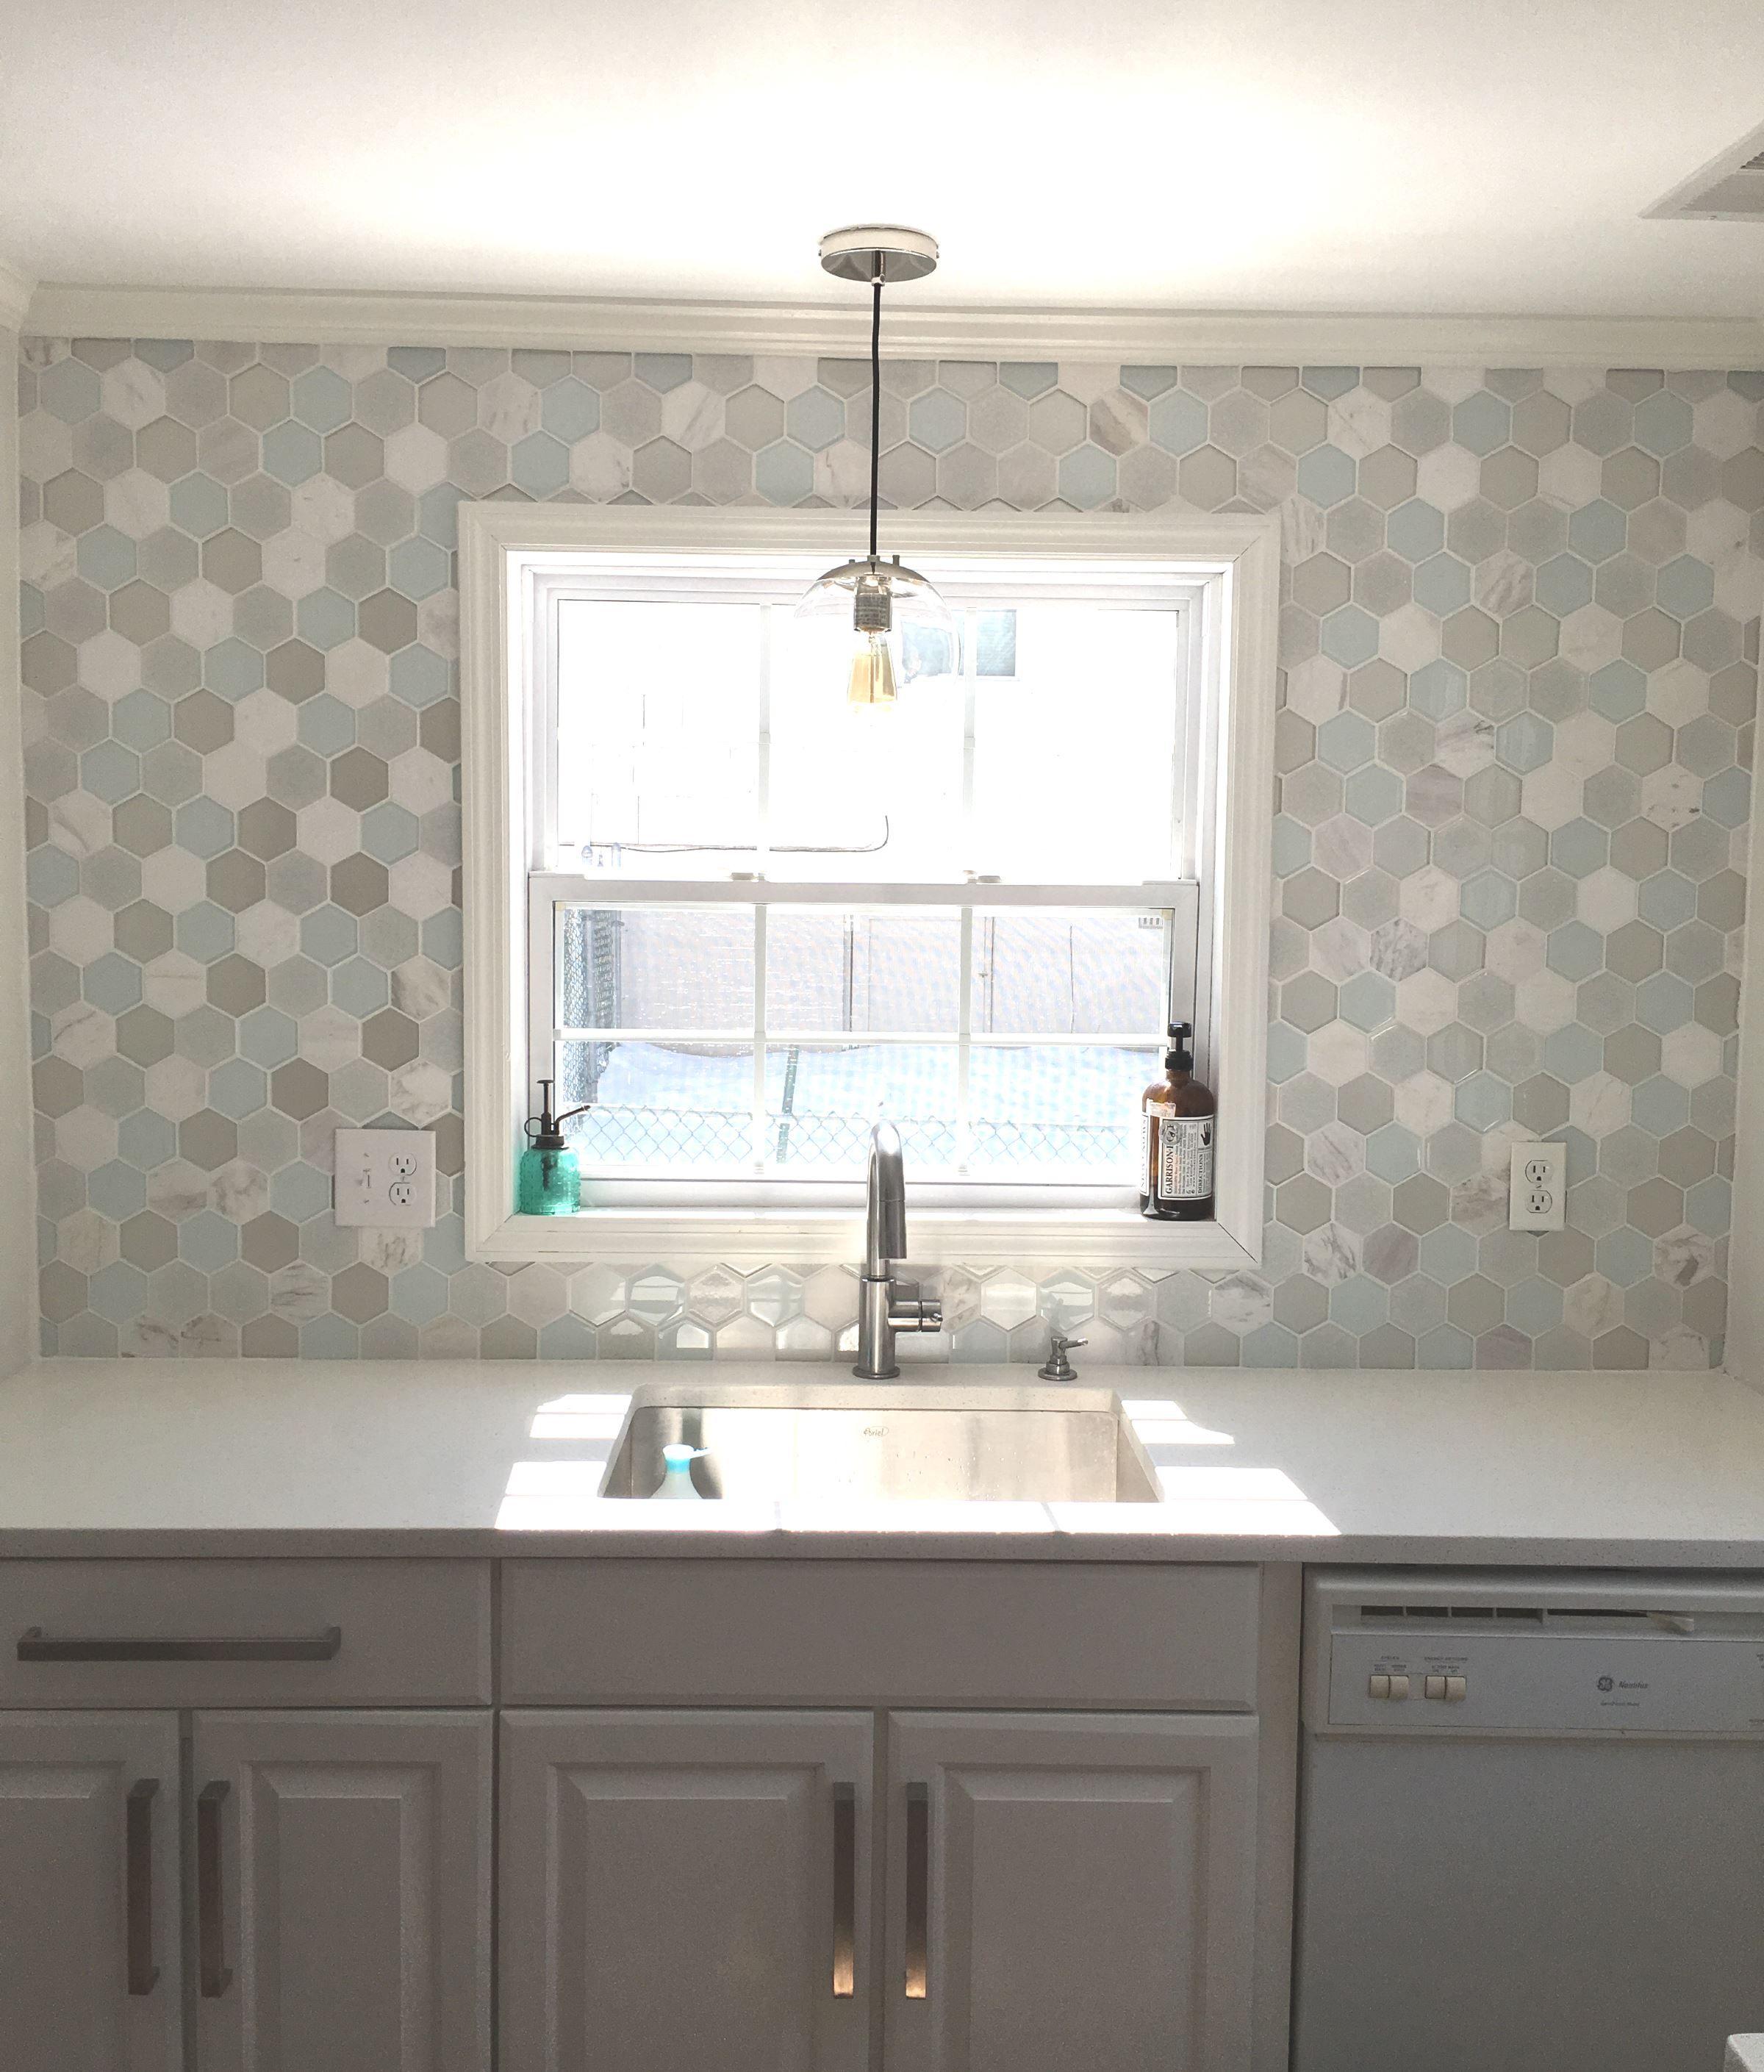 Mist Blend Hexagon Kitchen Backsplash Subway Tile Outlet From